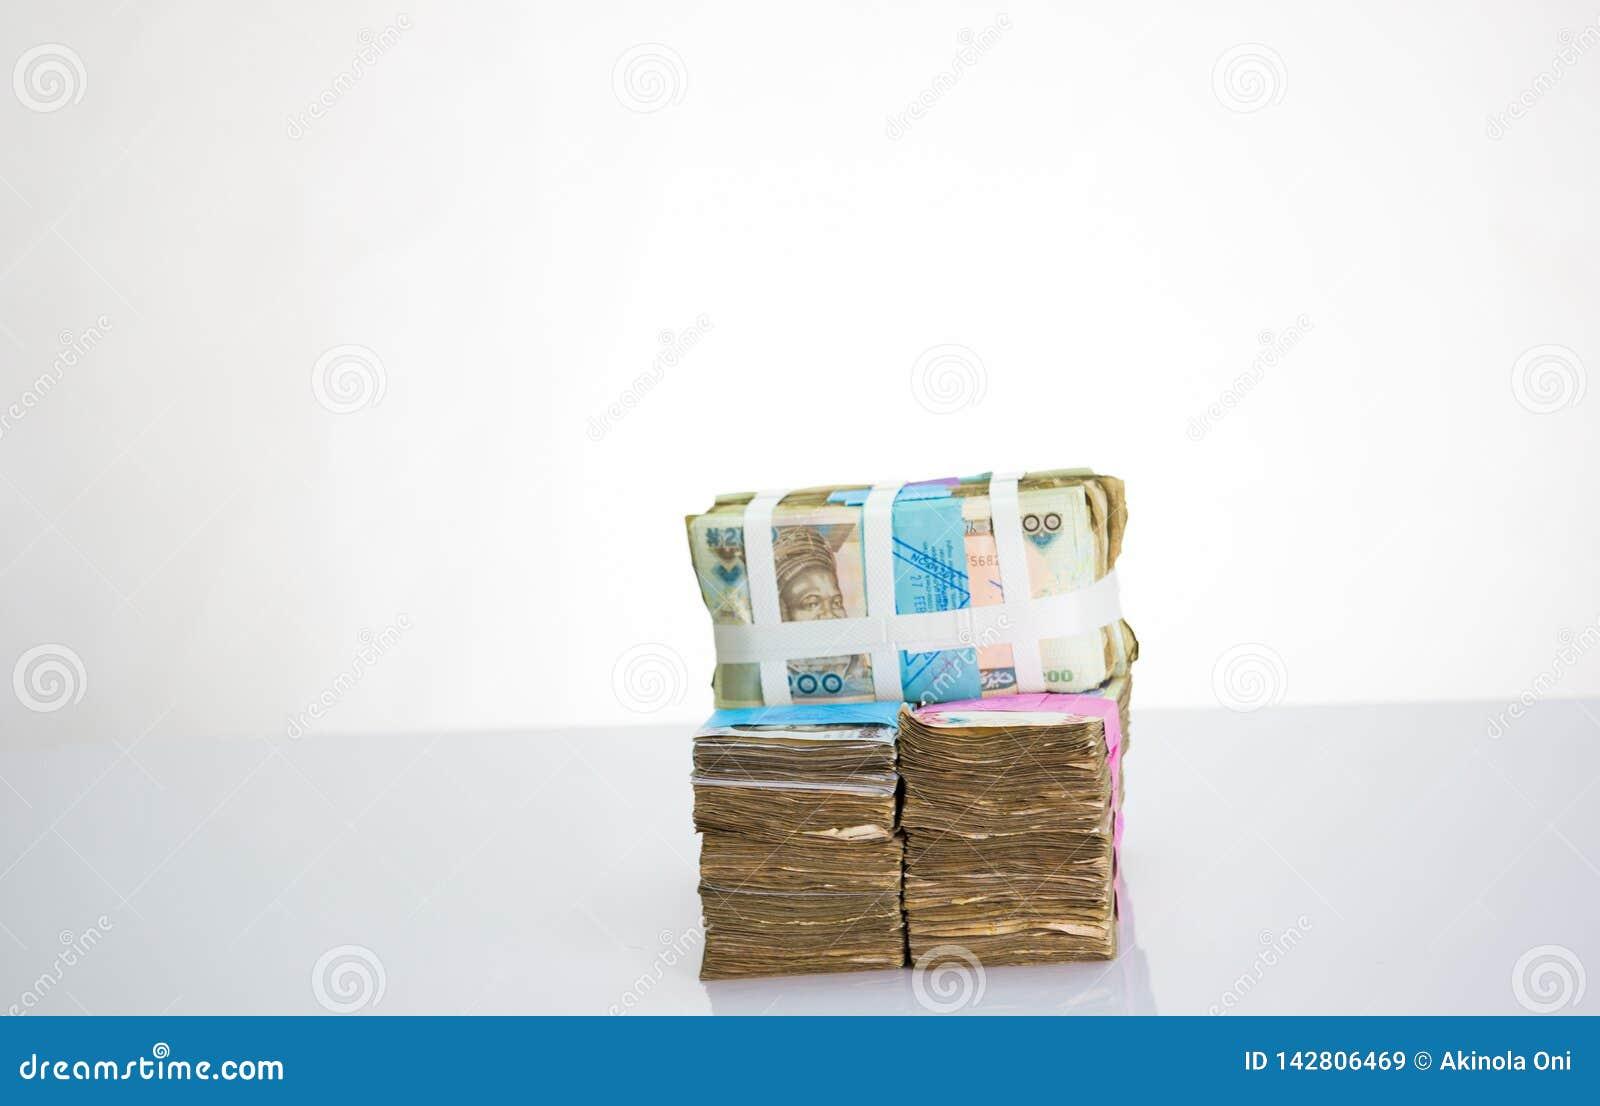 Nigeria-Landeswährung N200, N500, Anmerkungen des Naira N1000 in einem Bündel